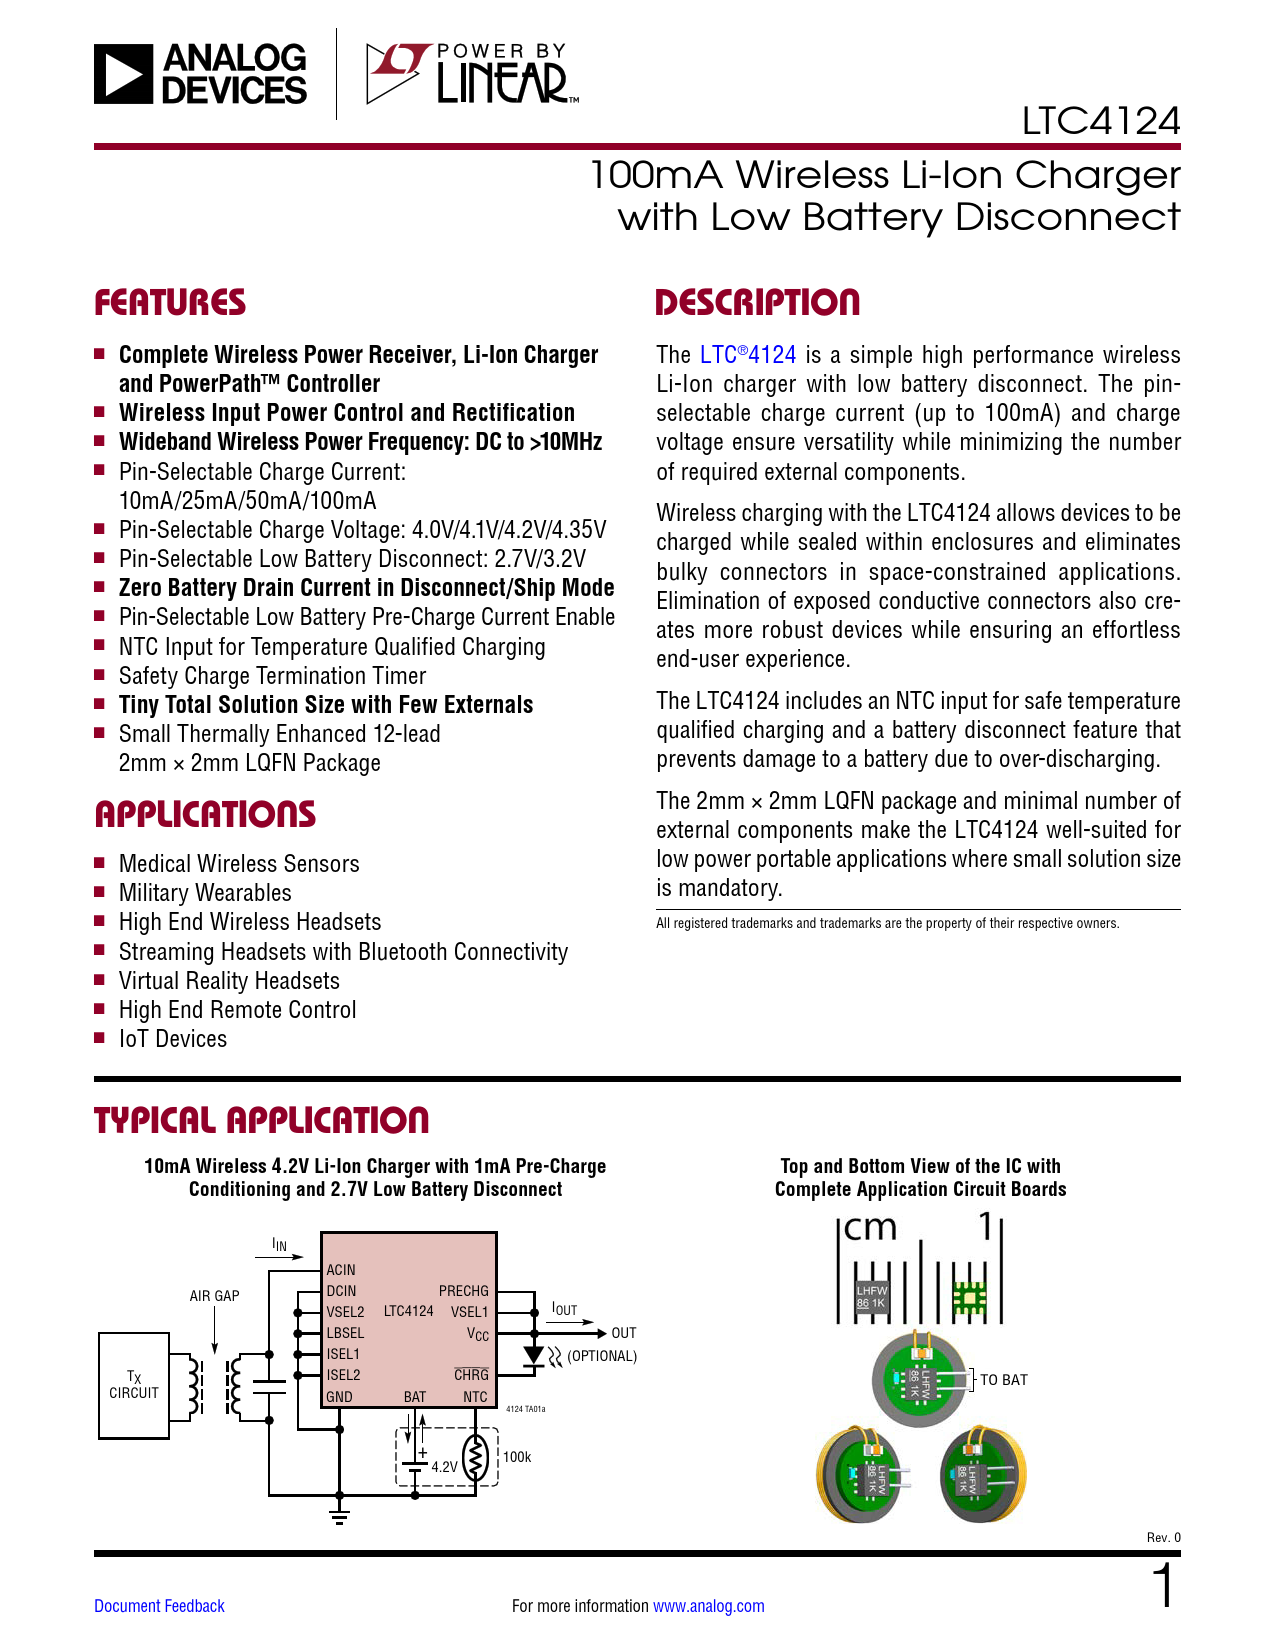 Datasheet LTC4124 Analog Devices